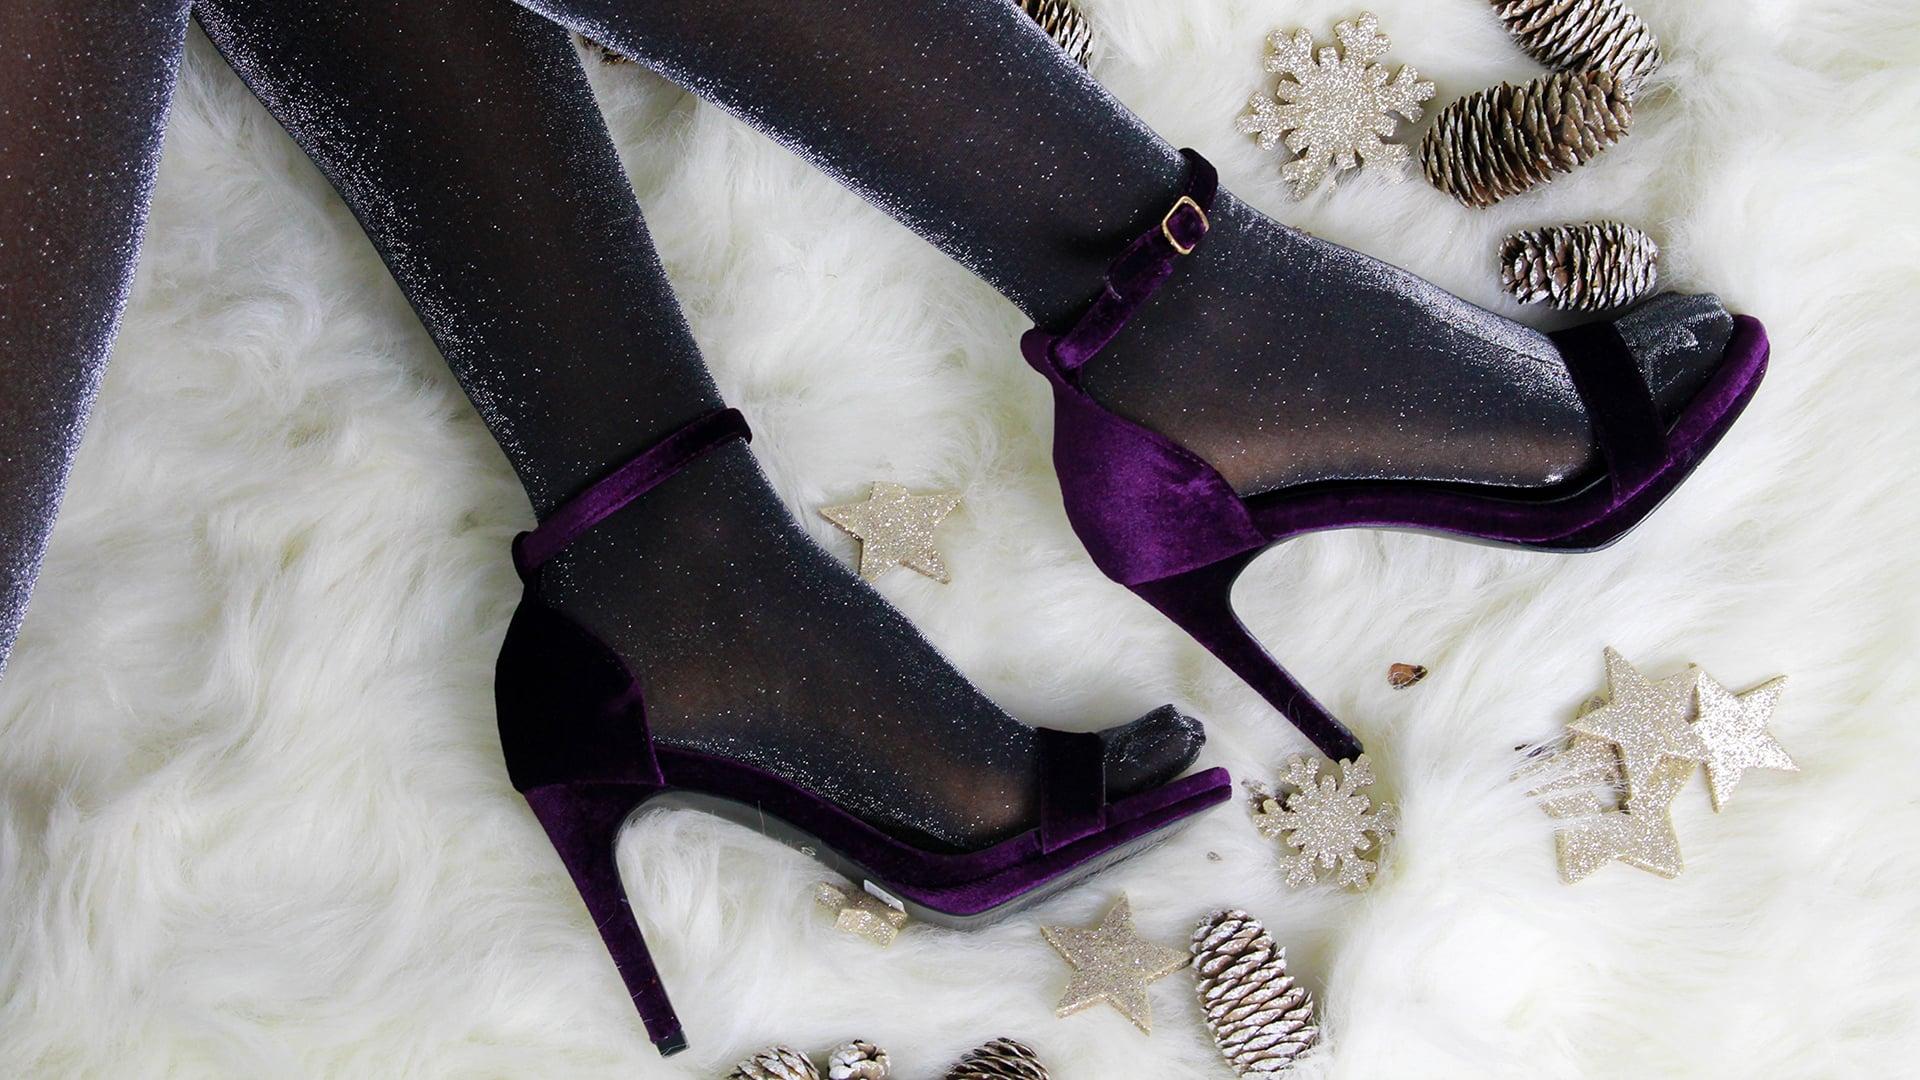 Ποια παπούτσια & αξεσουάρ πρέπει να φορέσουμε αυτά τα Χριστούγεννα;